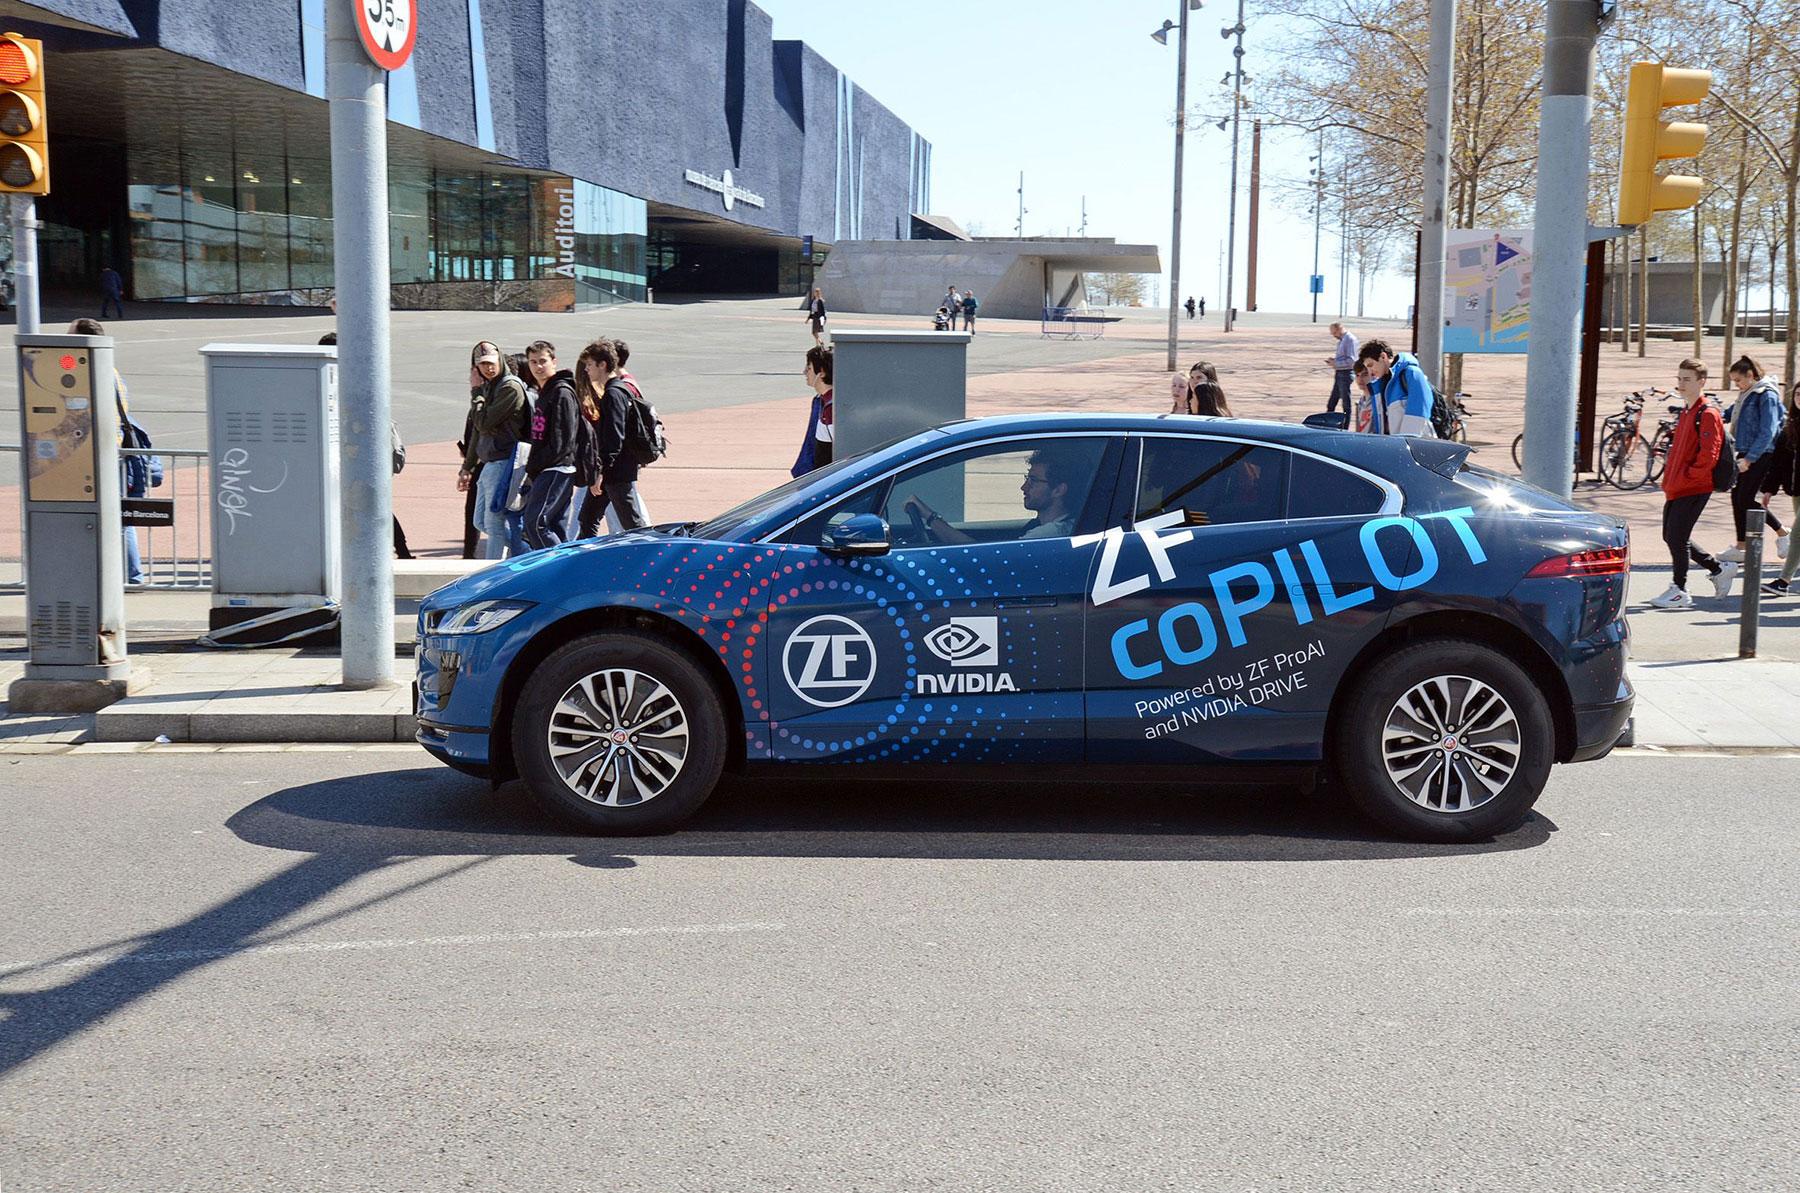 """ZF und NVIDIA präsentieren """"ZF coPILOT"""" in Shanghai - e-engine - Alles rund um E-Mobilität"""